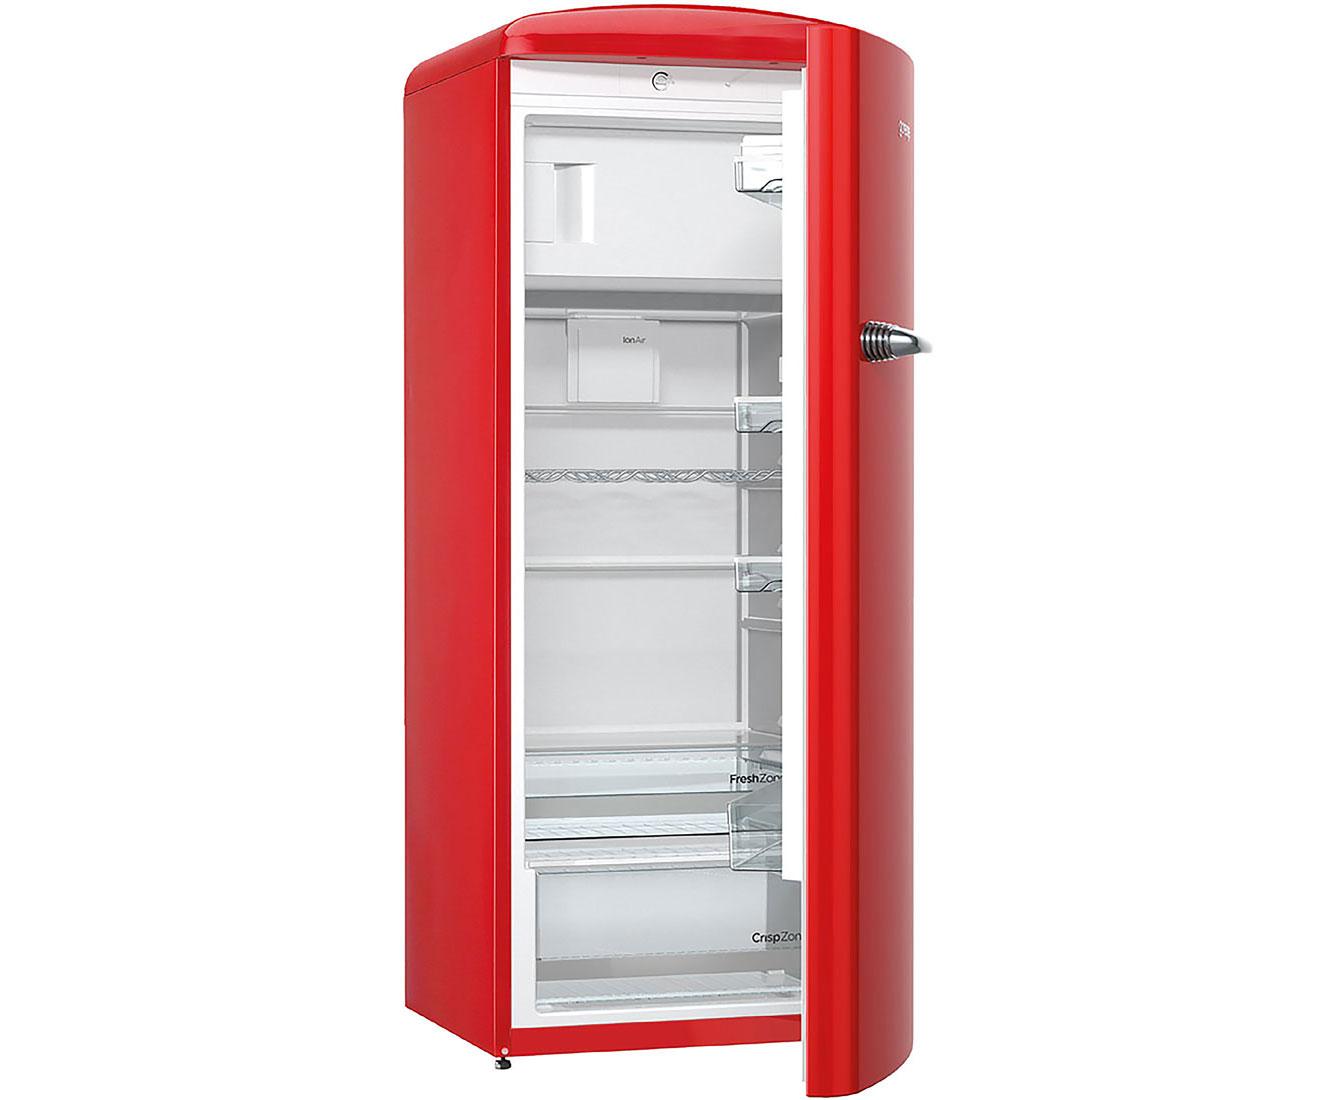 Amica Kühlschrank Retro Test : Kühlschrank rot günstig kaufen: retro kühlschrank test 2019 die